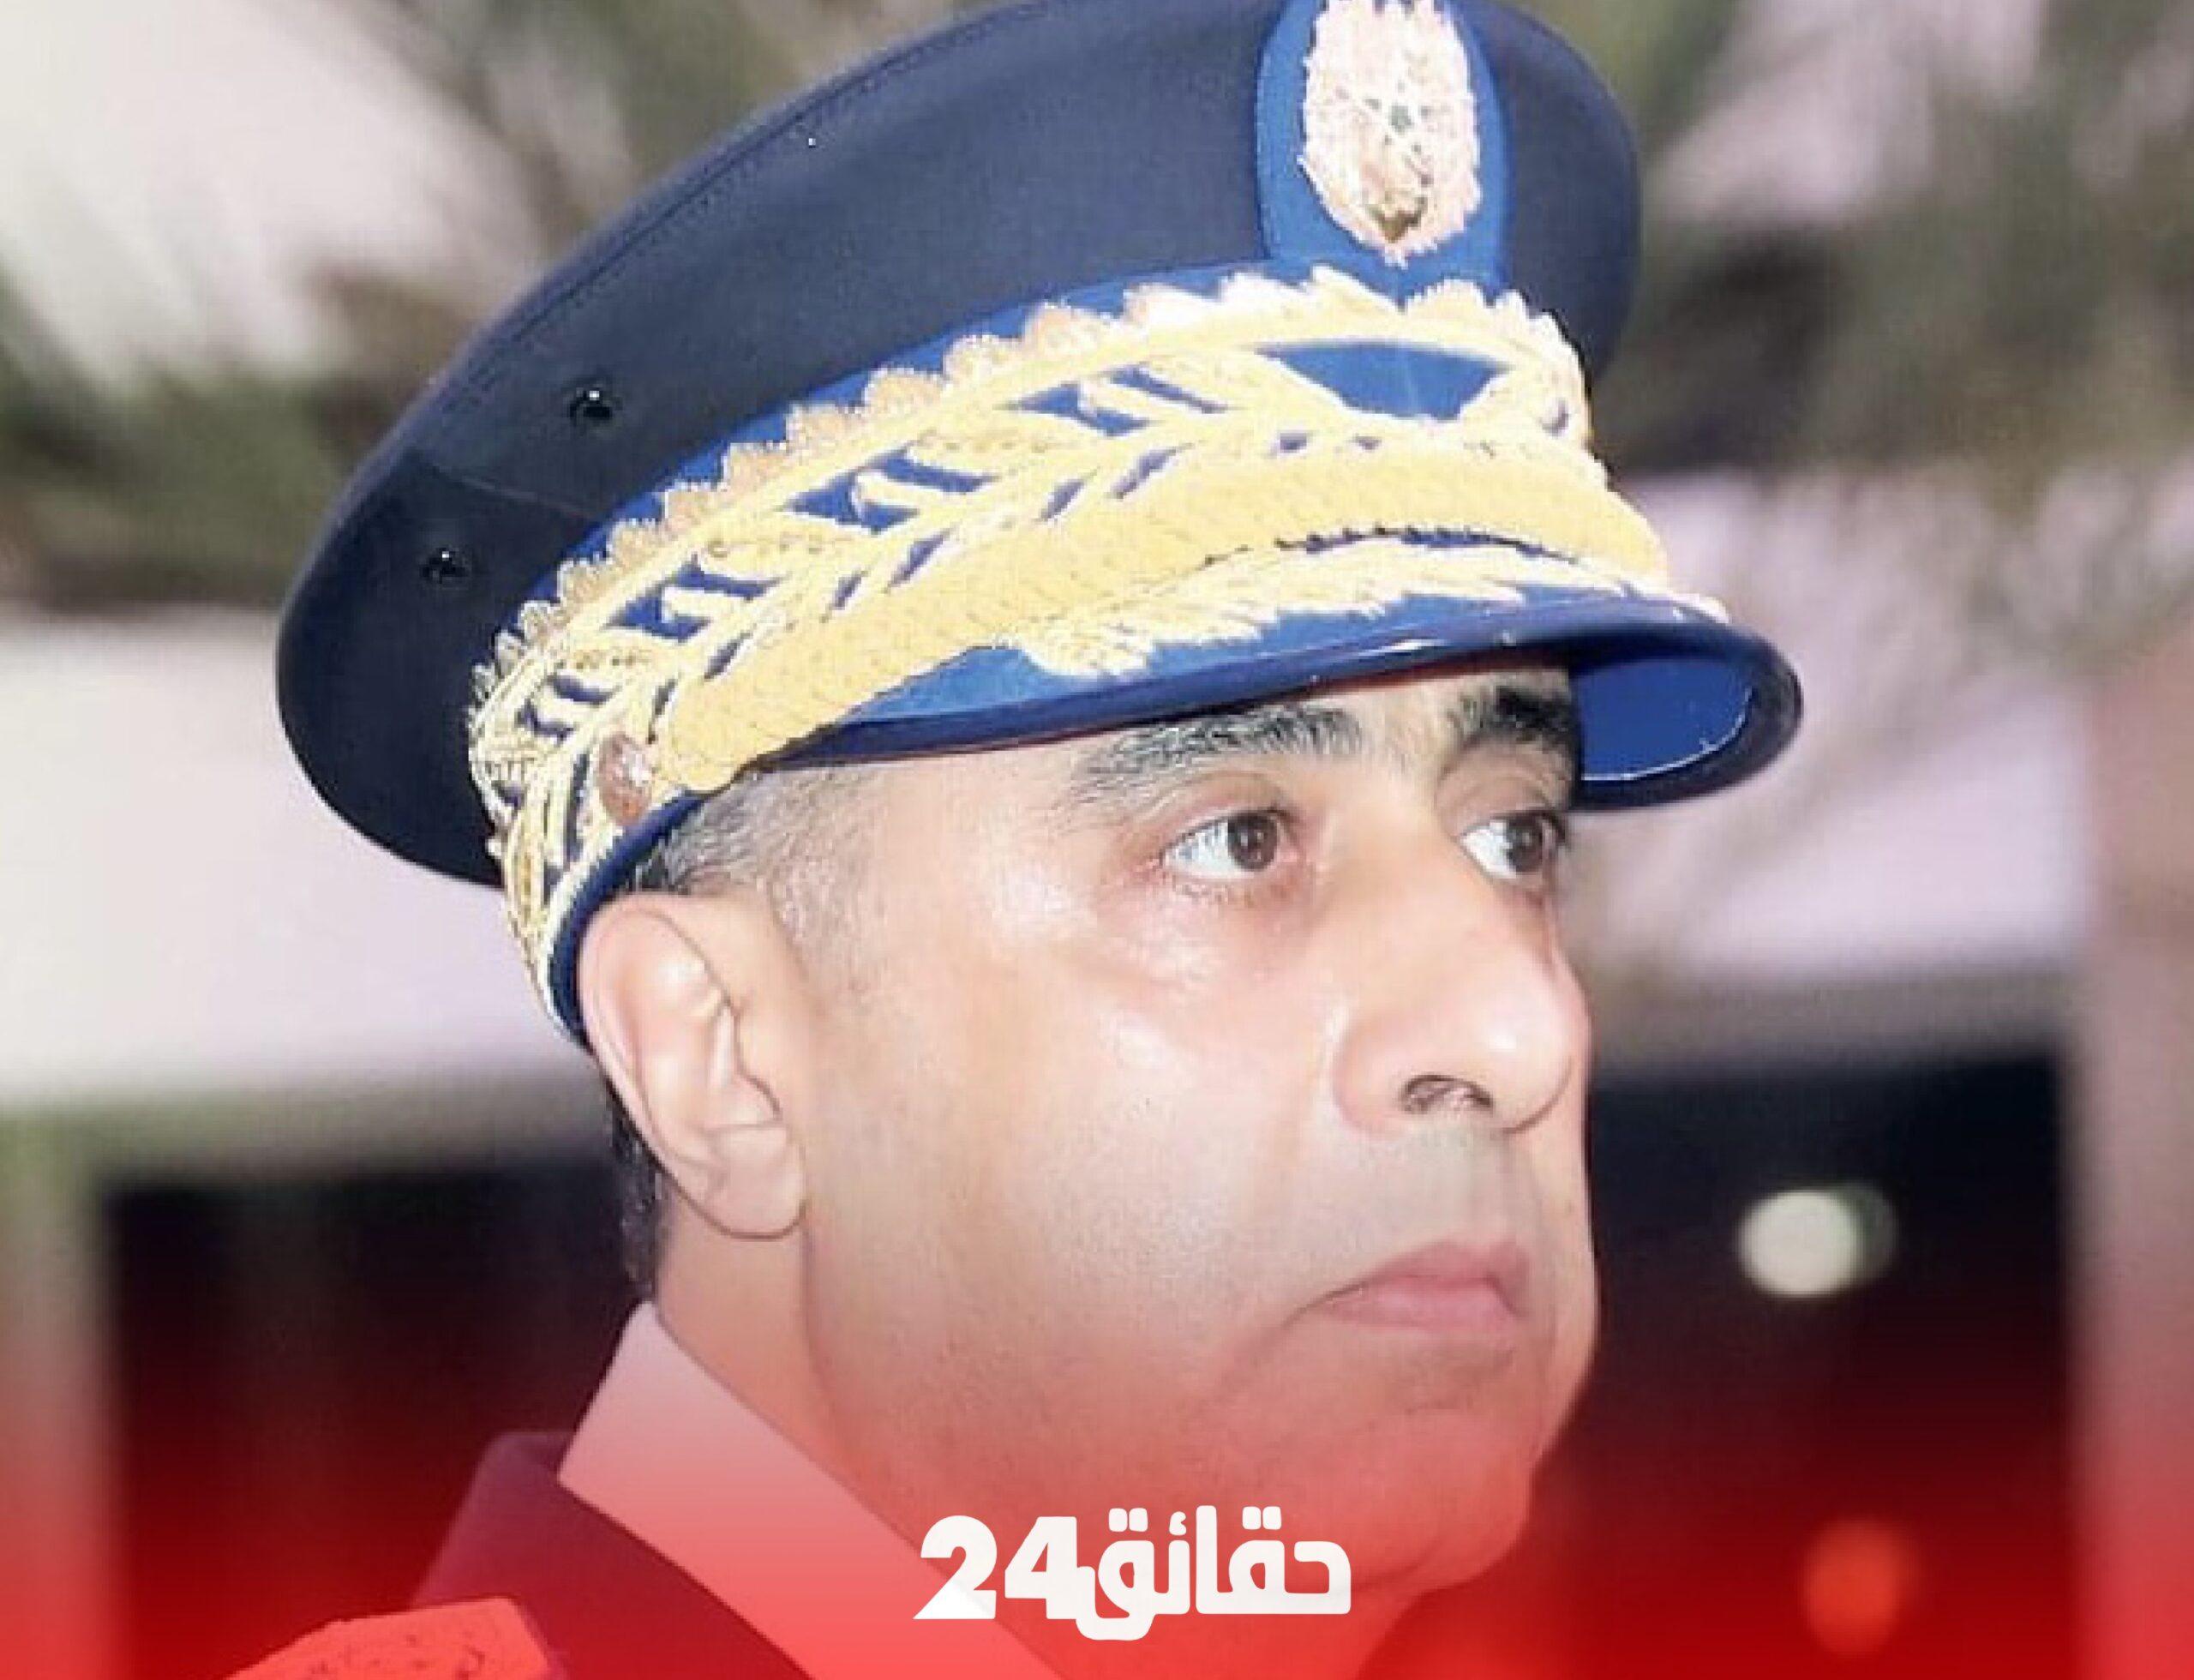 صورة التحقيق مع 24 شرطيا يفجر مفاجأة غير متوقعة!